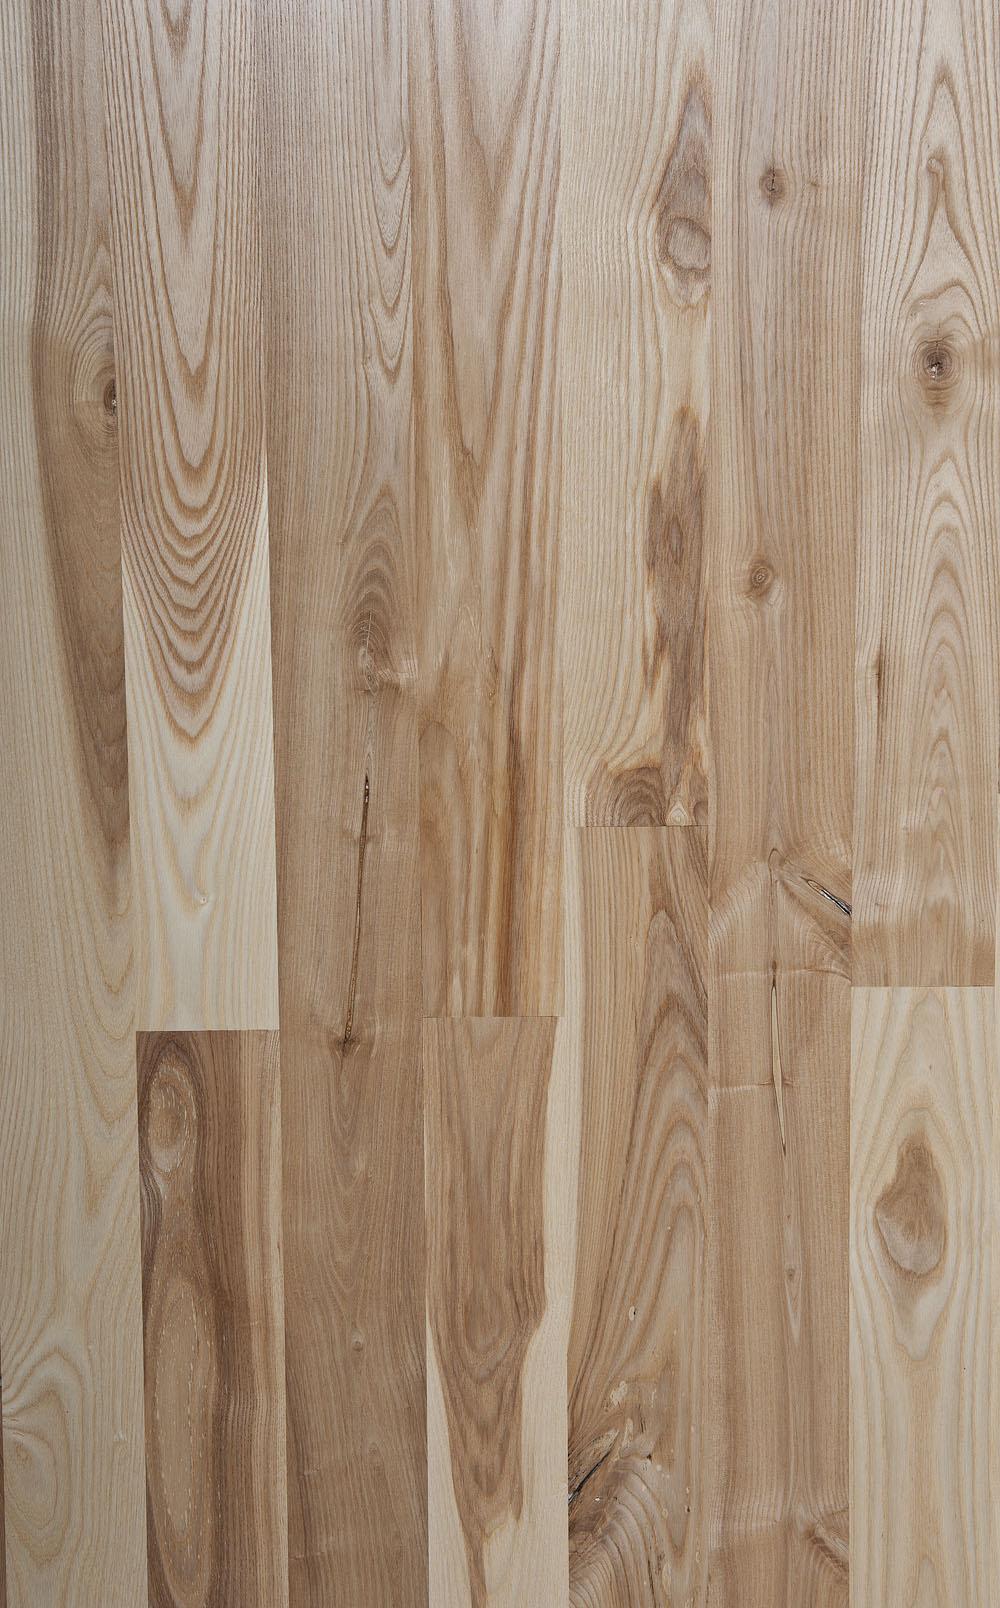 Unfinished Ash Boardwalk Hardwood Floors